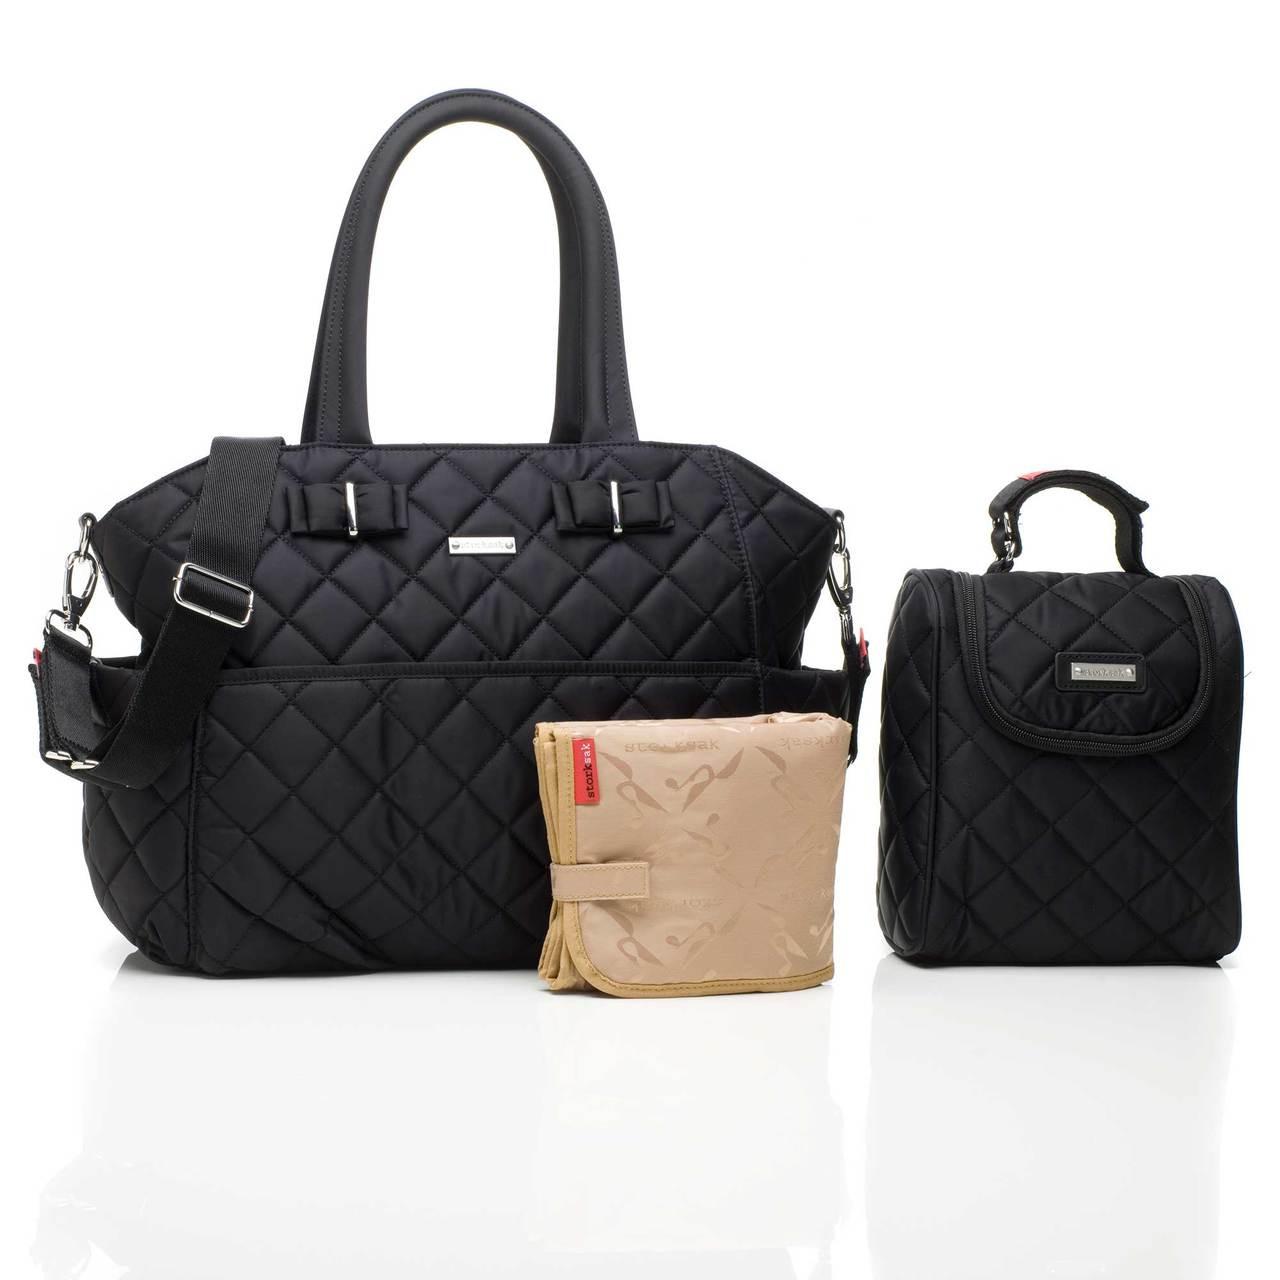 a21aebb62eff1 Storksak Bobby Baby Nappy Bag